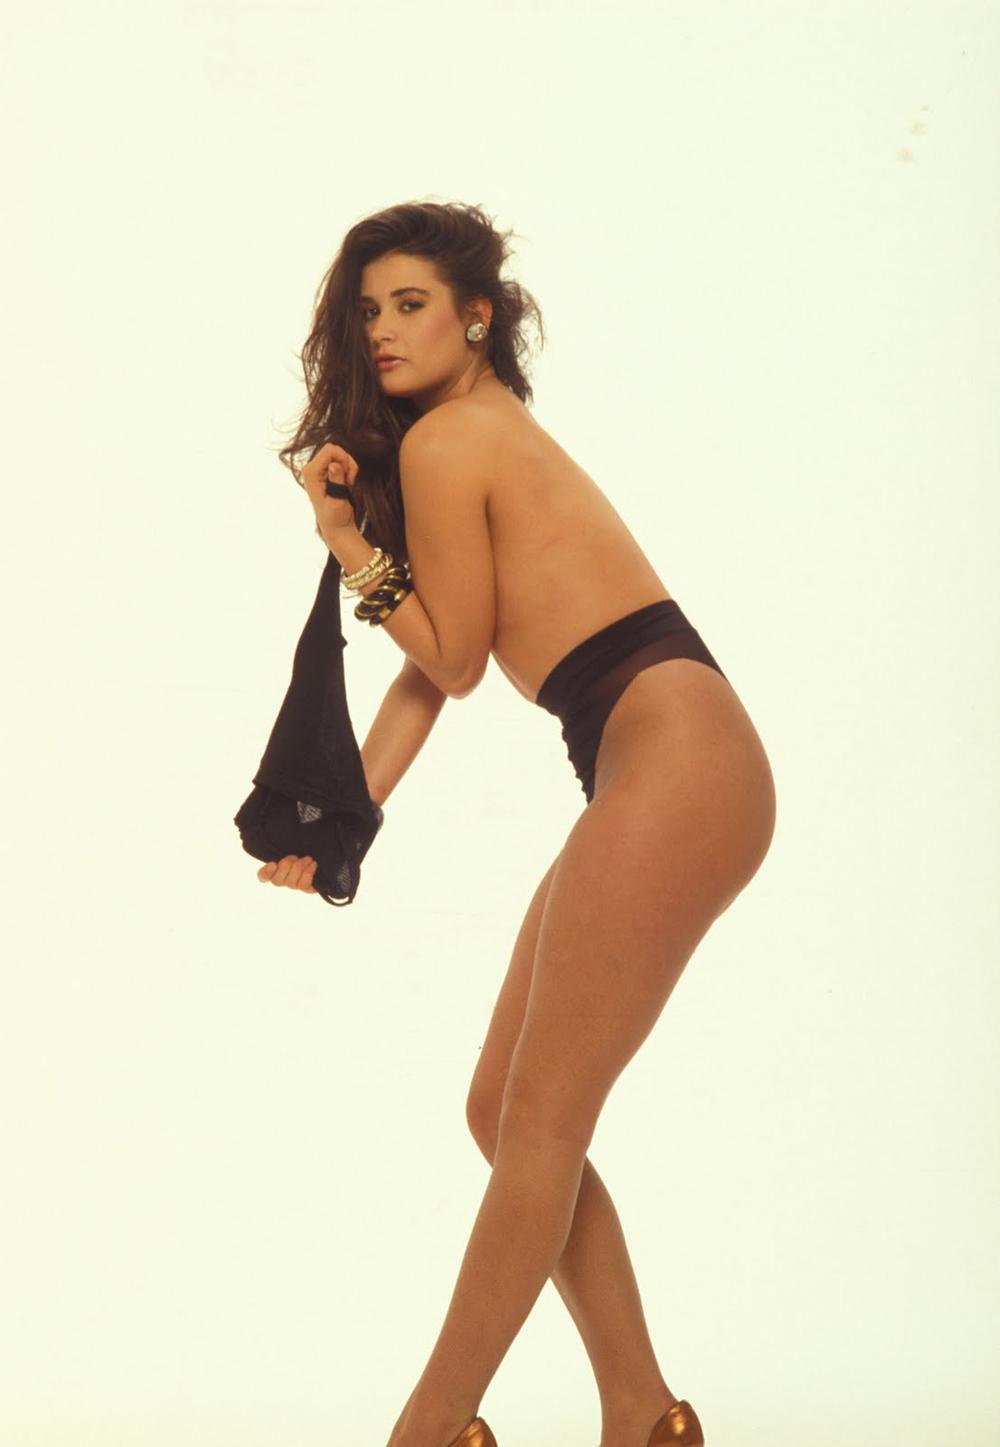 Vanessa marcil las vegas nude